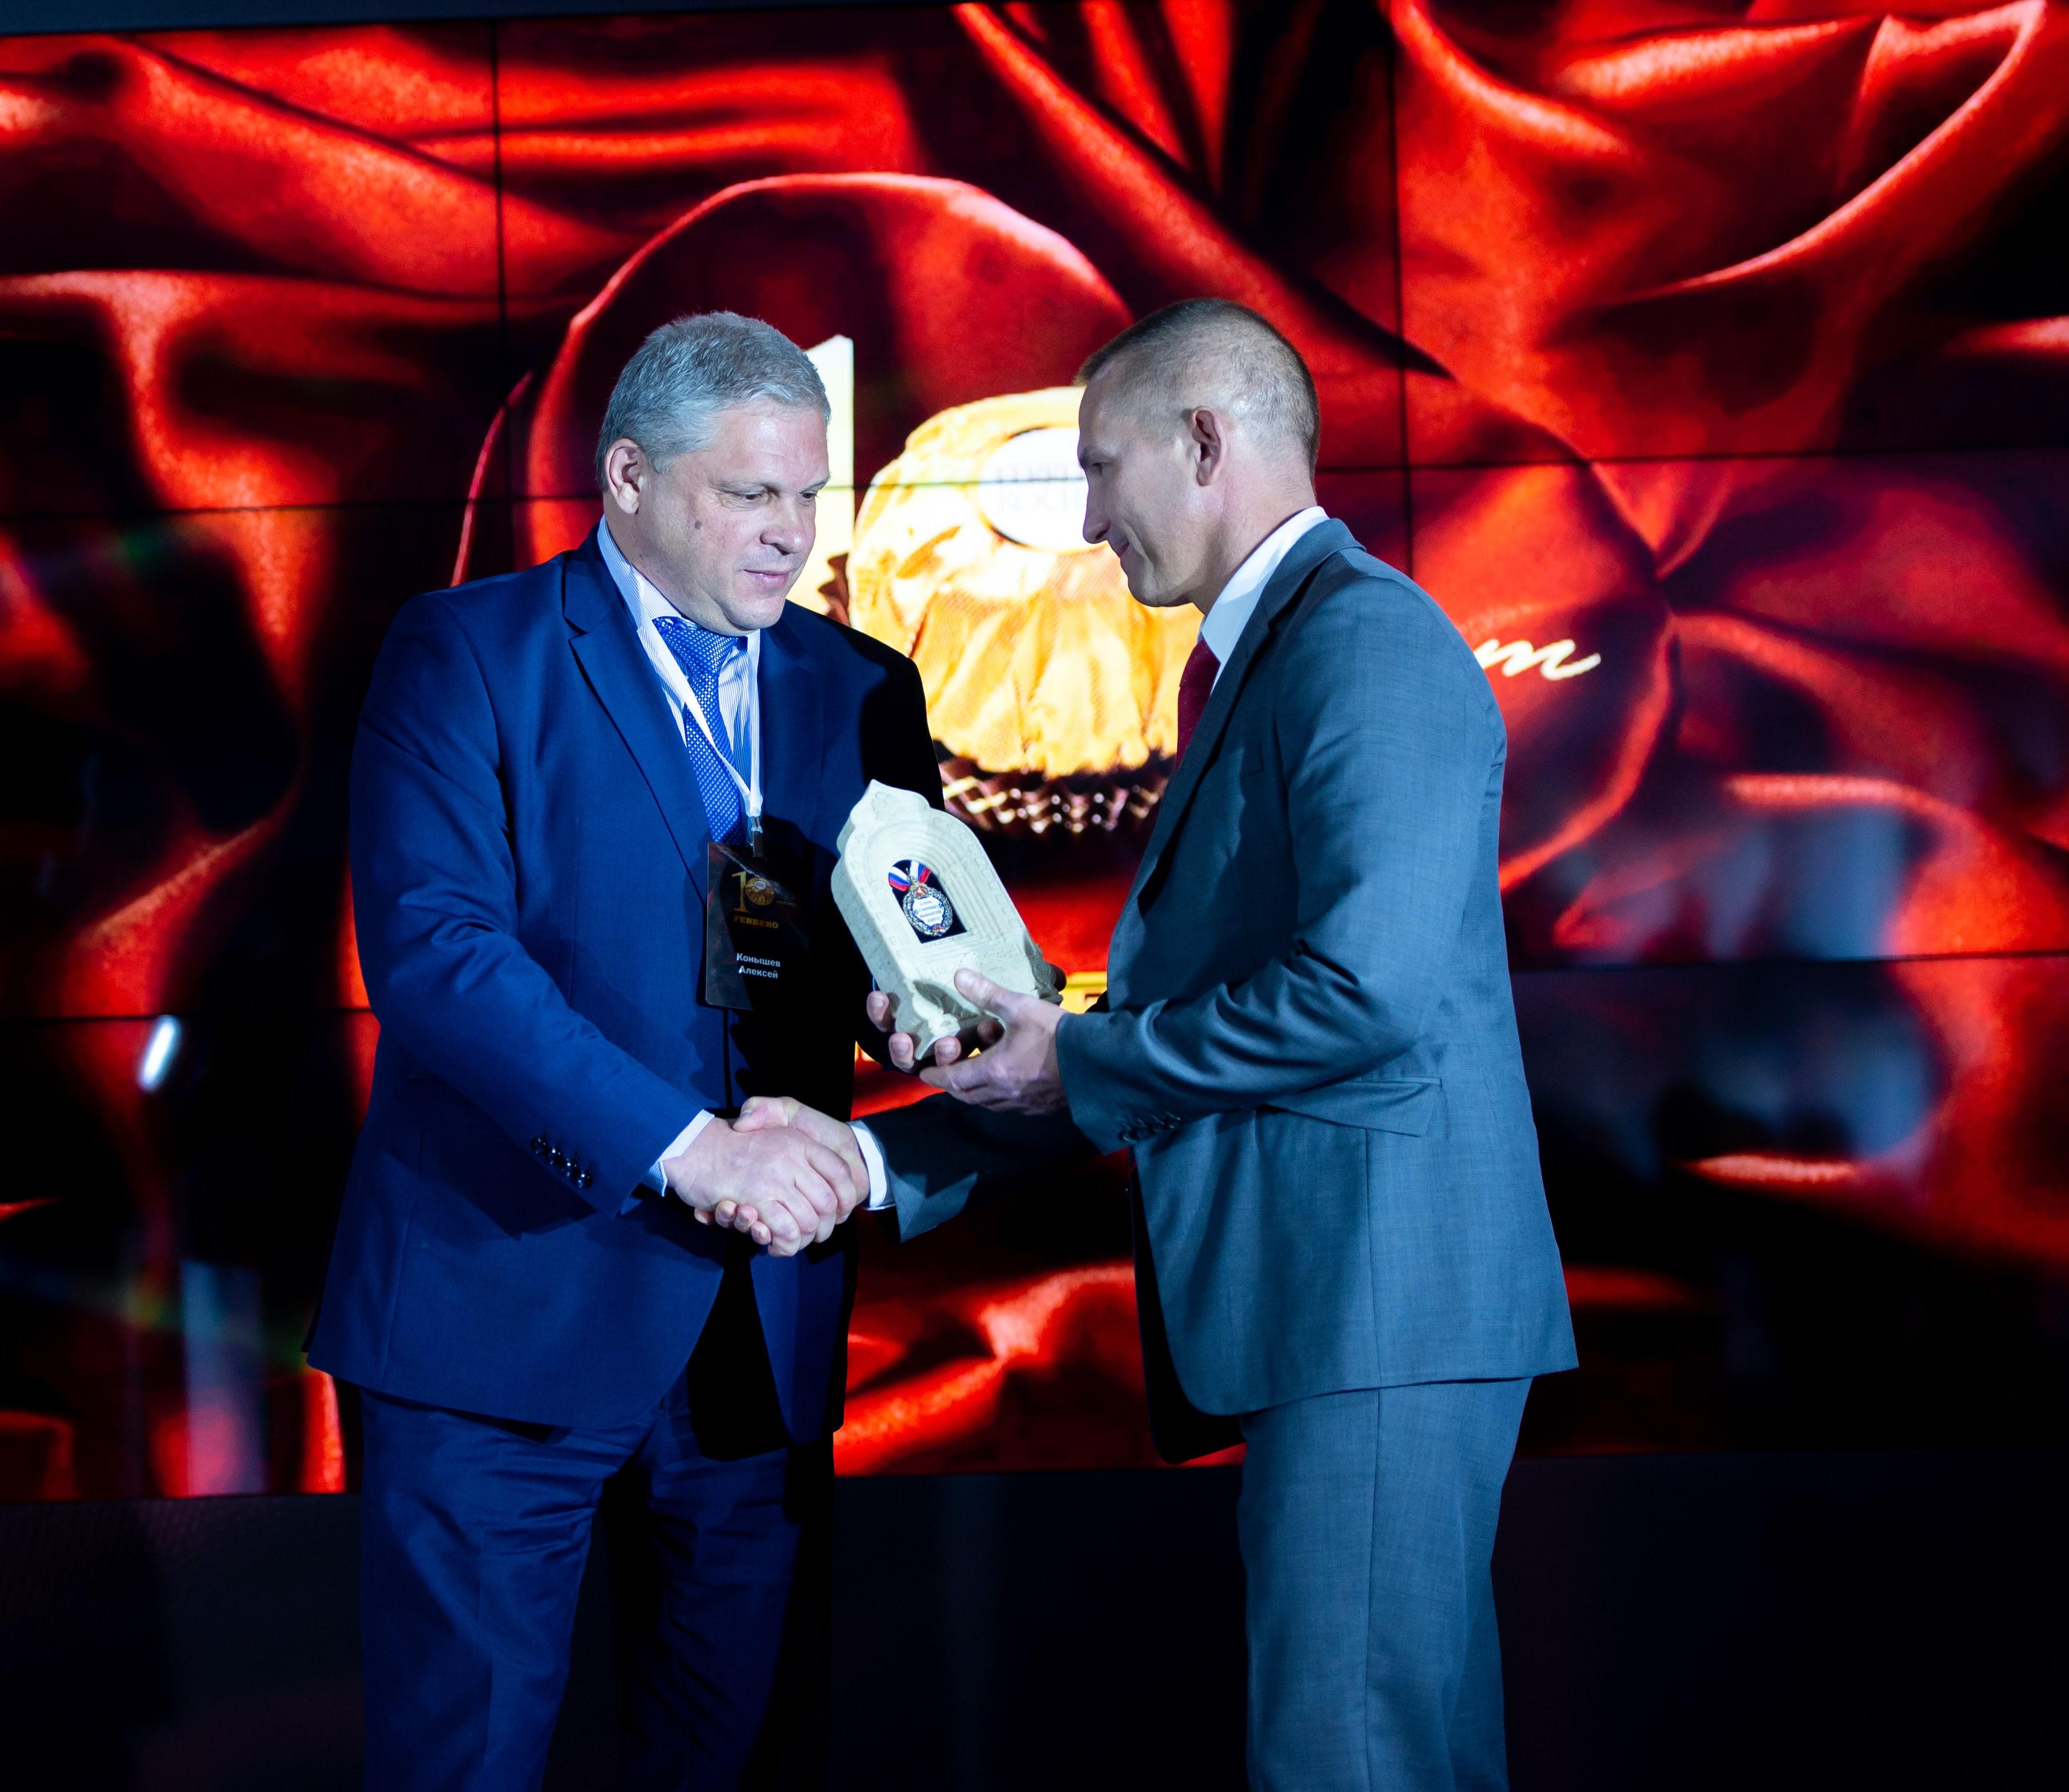 10 лет устойчивого развития: кондитерская фабрика Ferrero во Владимирской области отметила первый юбилей